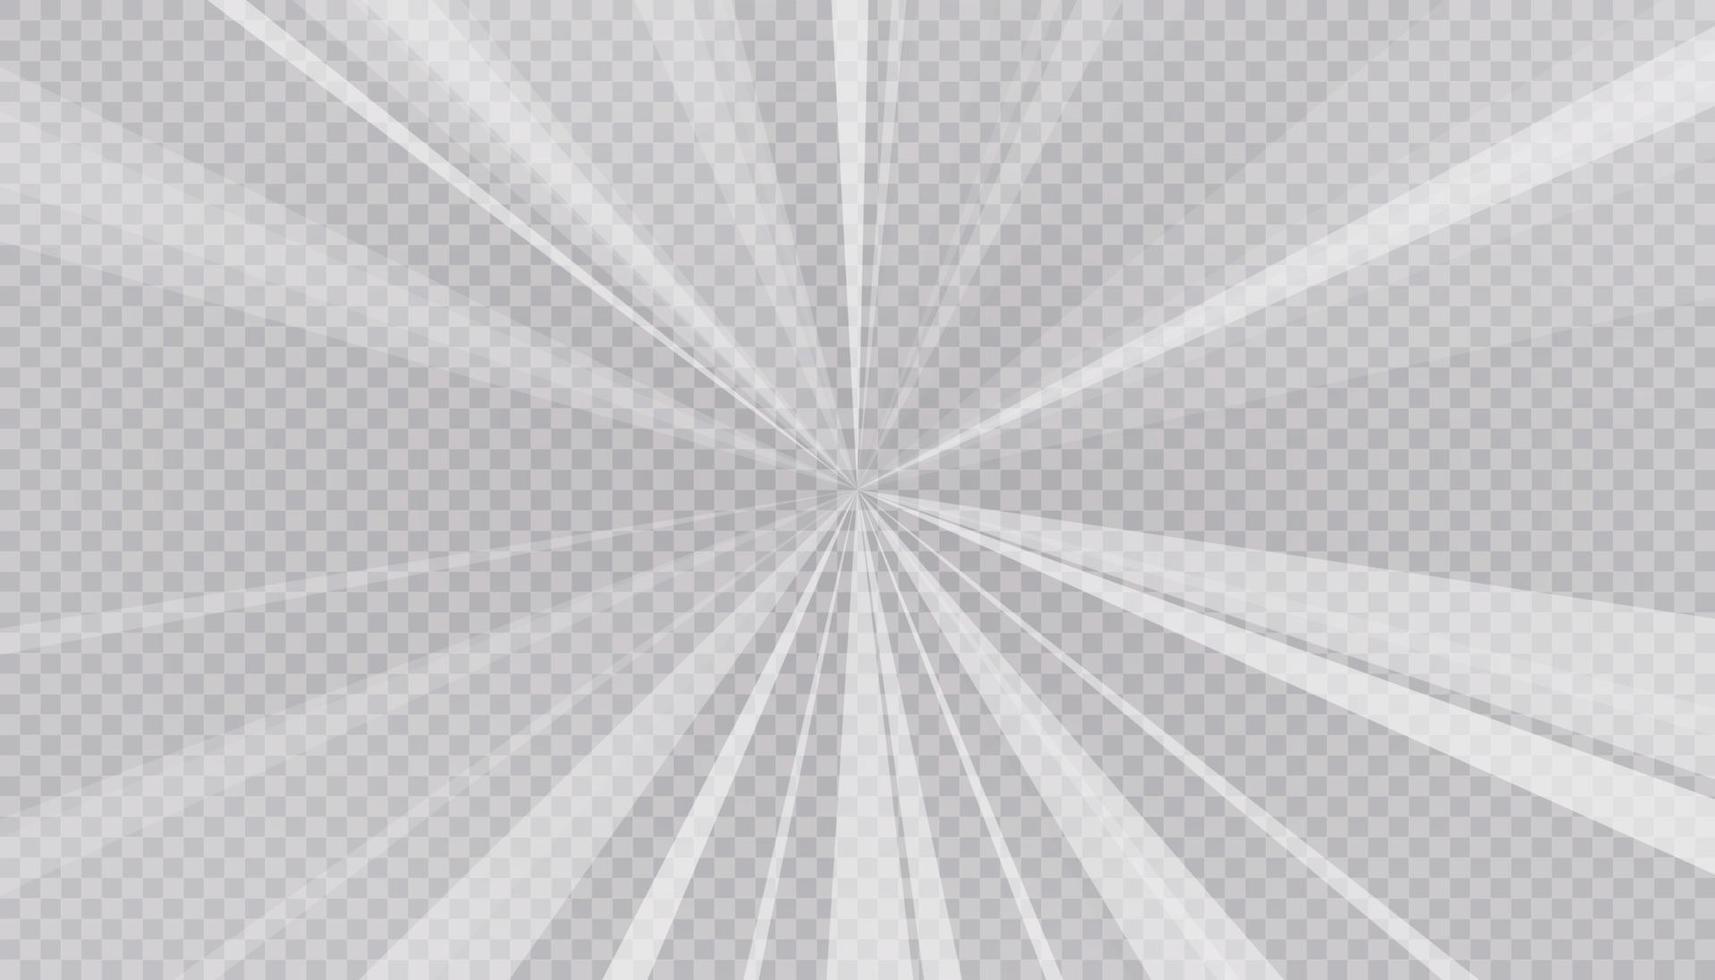 heller Strahl abstrakt und heller Hintergrund. Vektor und Illustration.